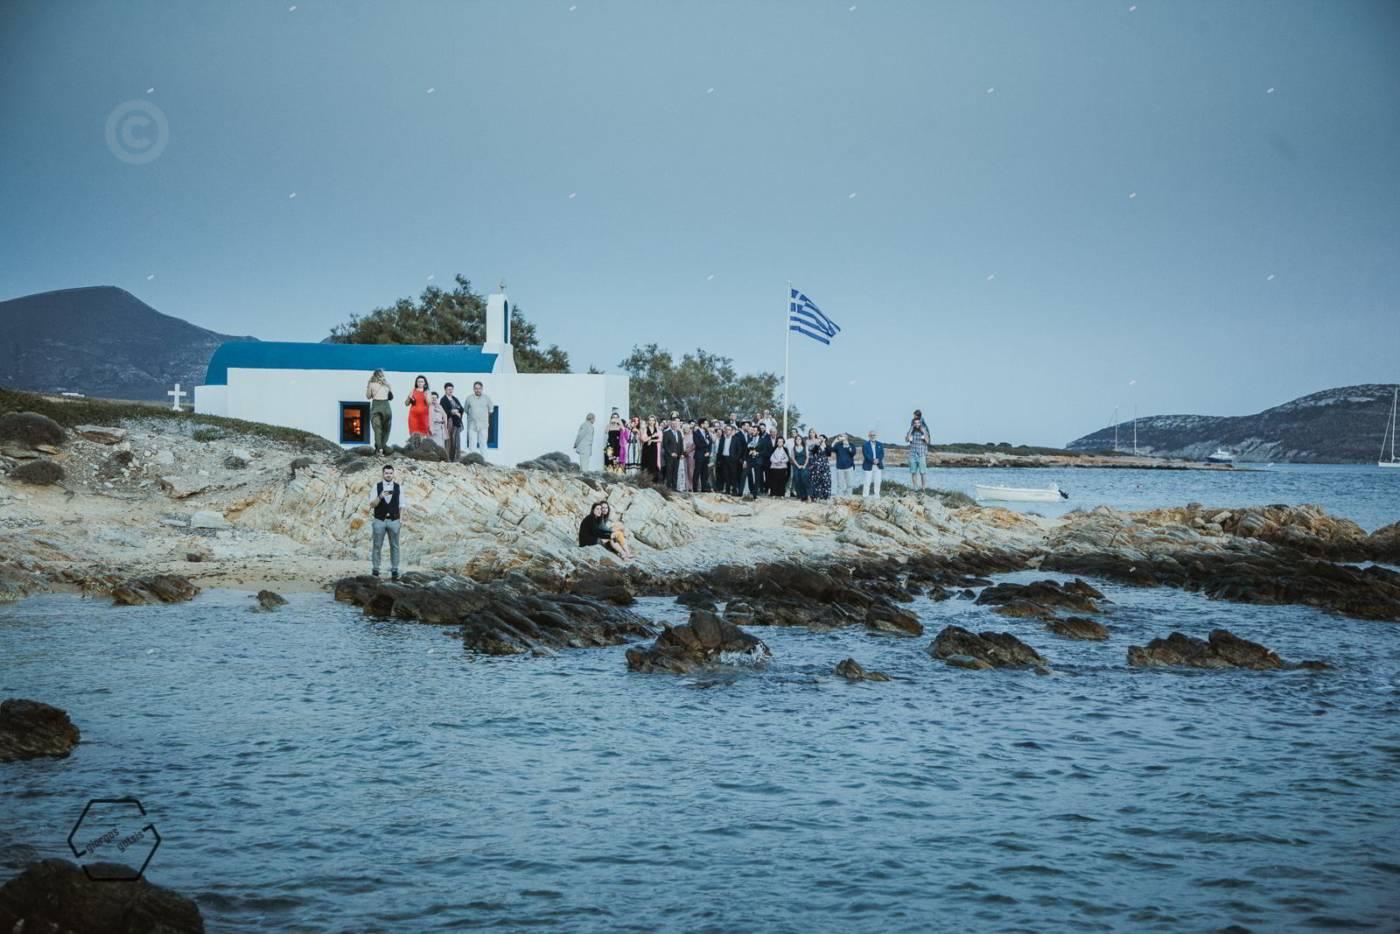 Αγιος γεώργιος αντίπαρος γάμος | antiparos wedding